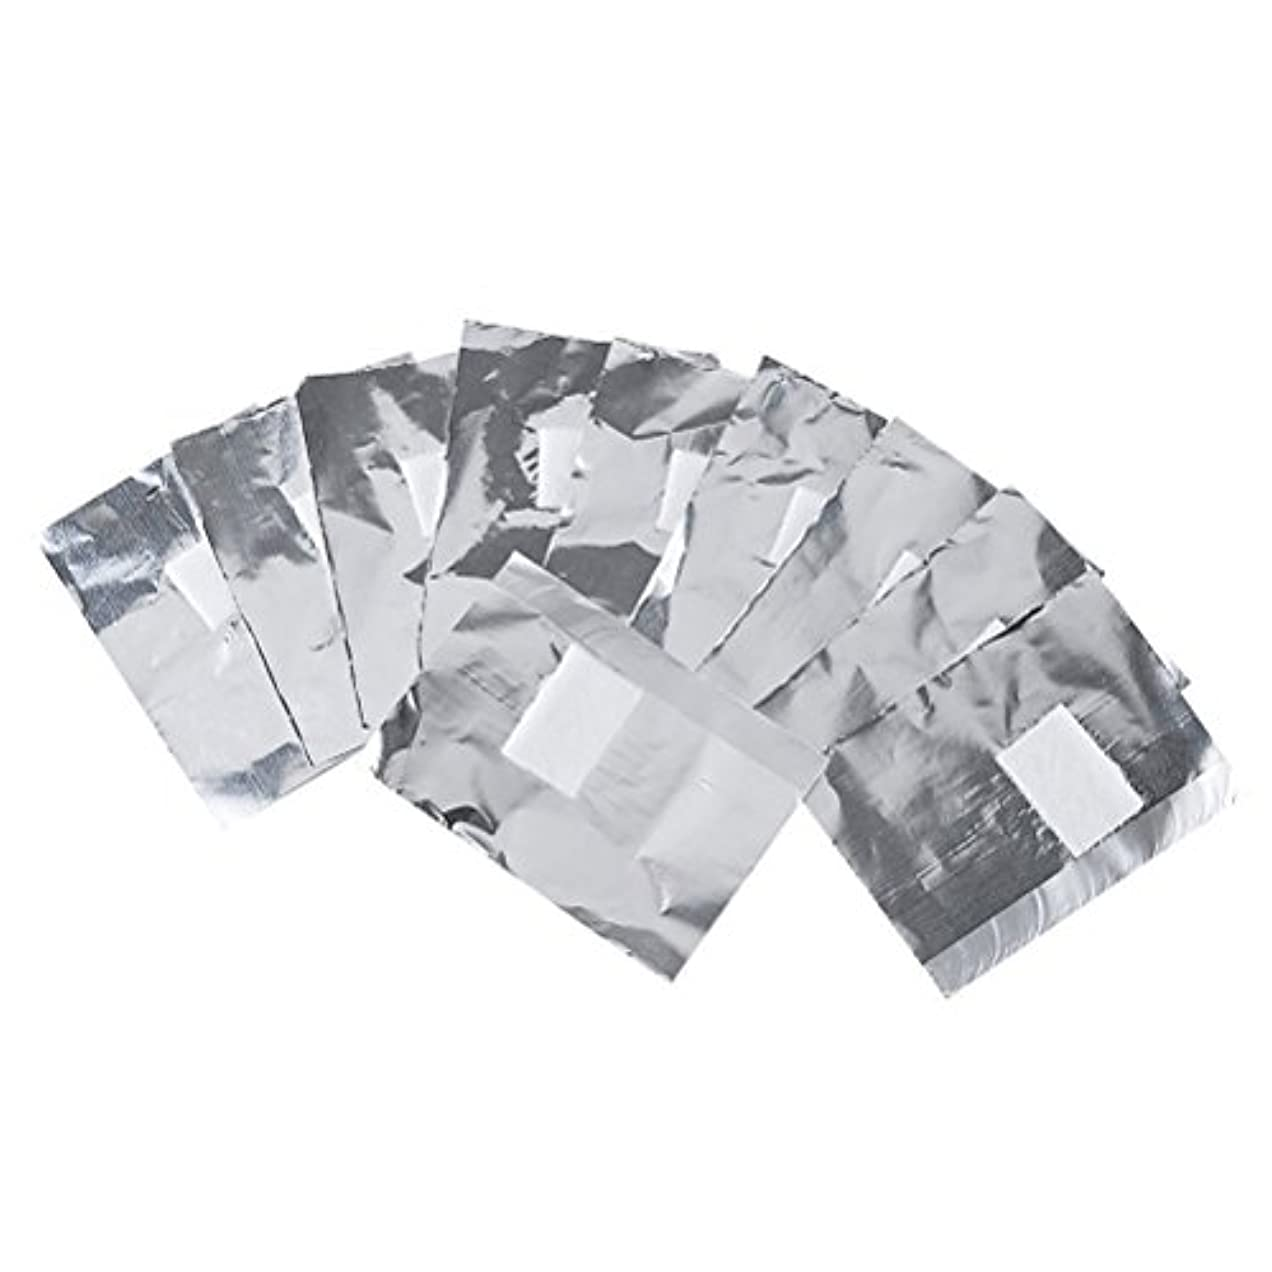 欠席比べるかかわらずFrcolor ネイルオフ ジェルオフリムーバー アクリルUVジェル ネイルポリッシュをきれいにオフする ジェル 使い捨て コットン付きアルミホイル ネイル用品 キューティクル 200枚